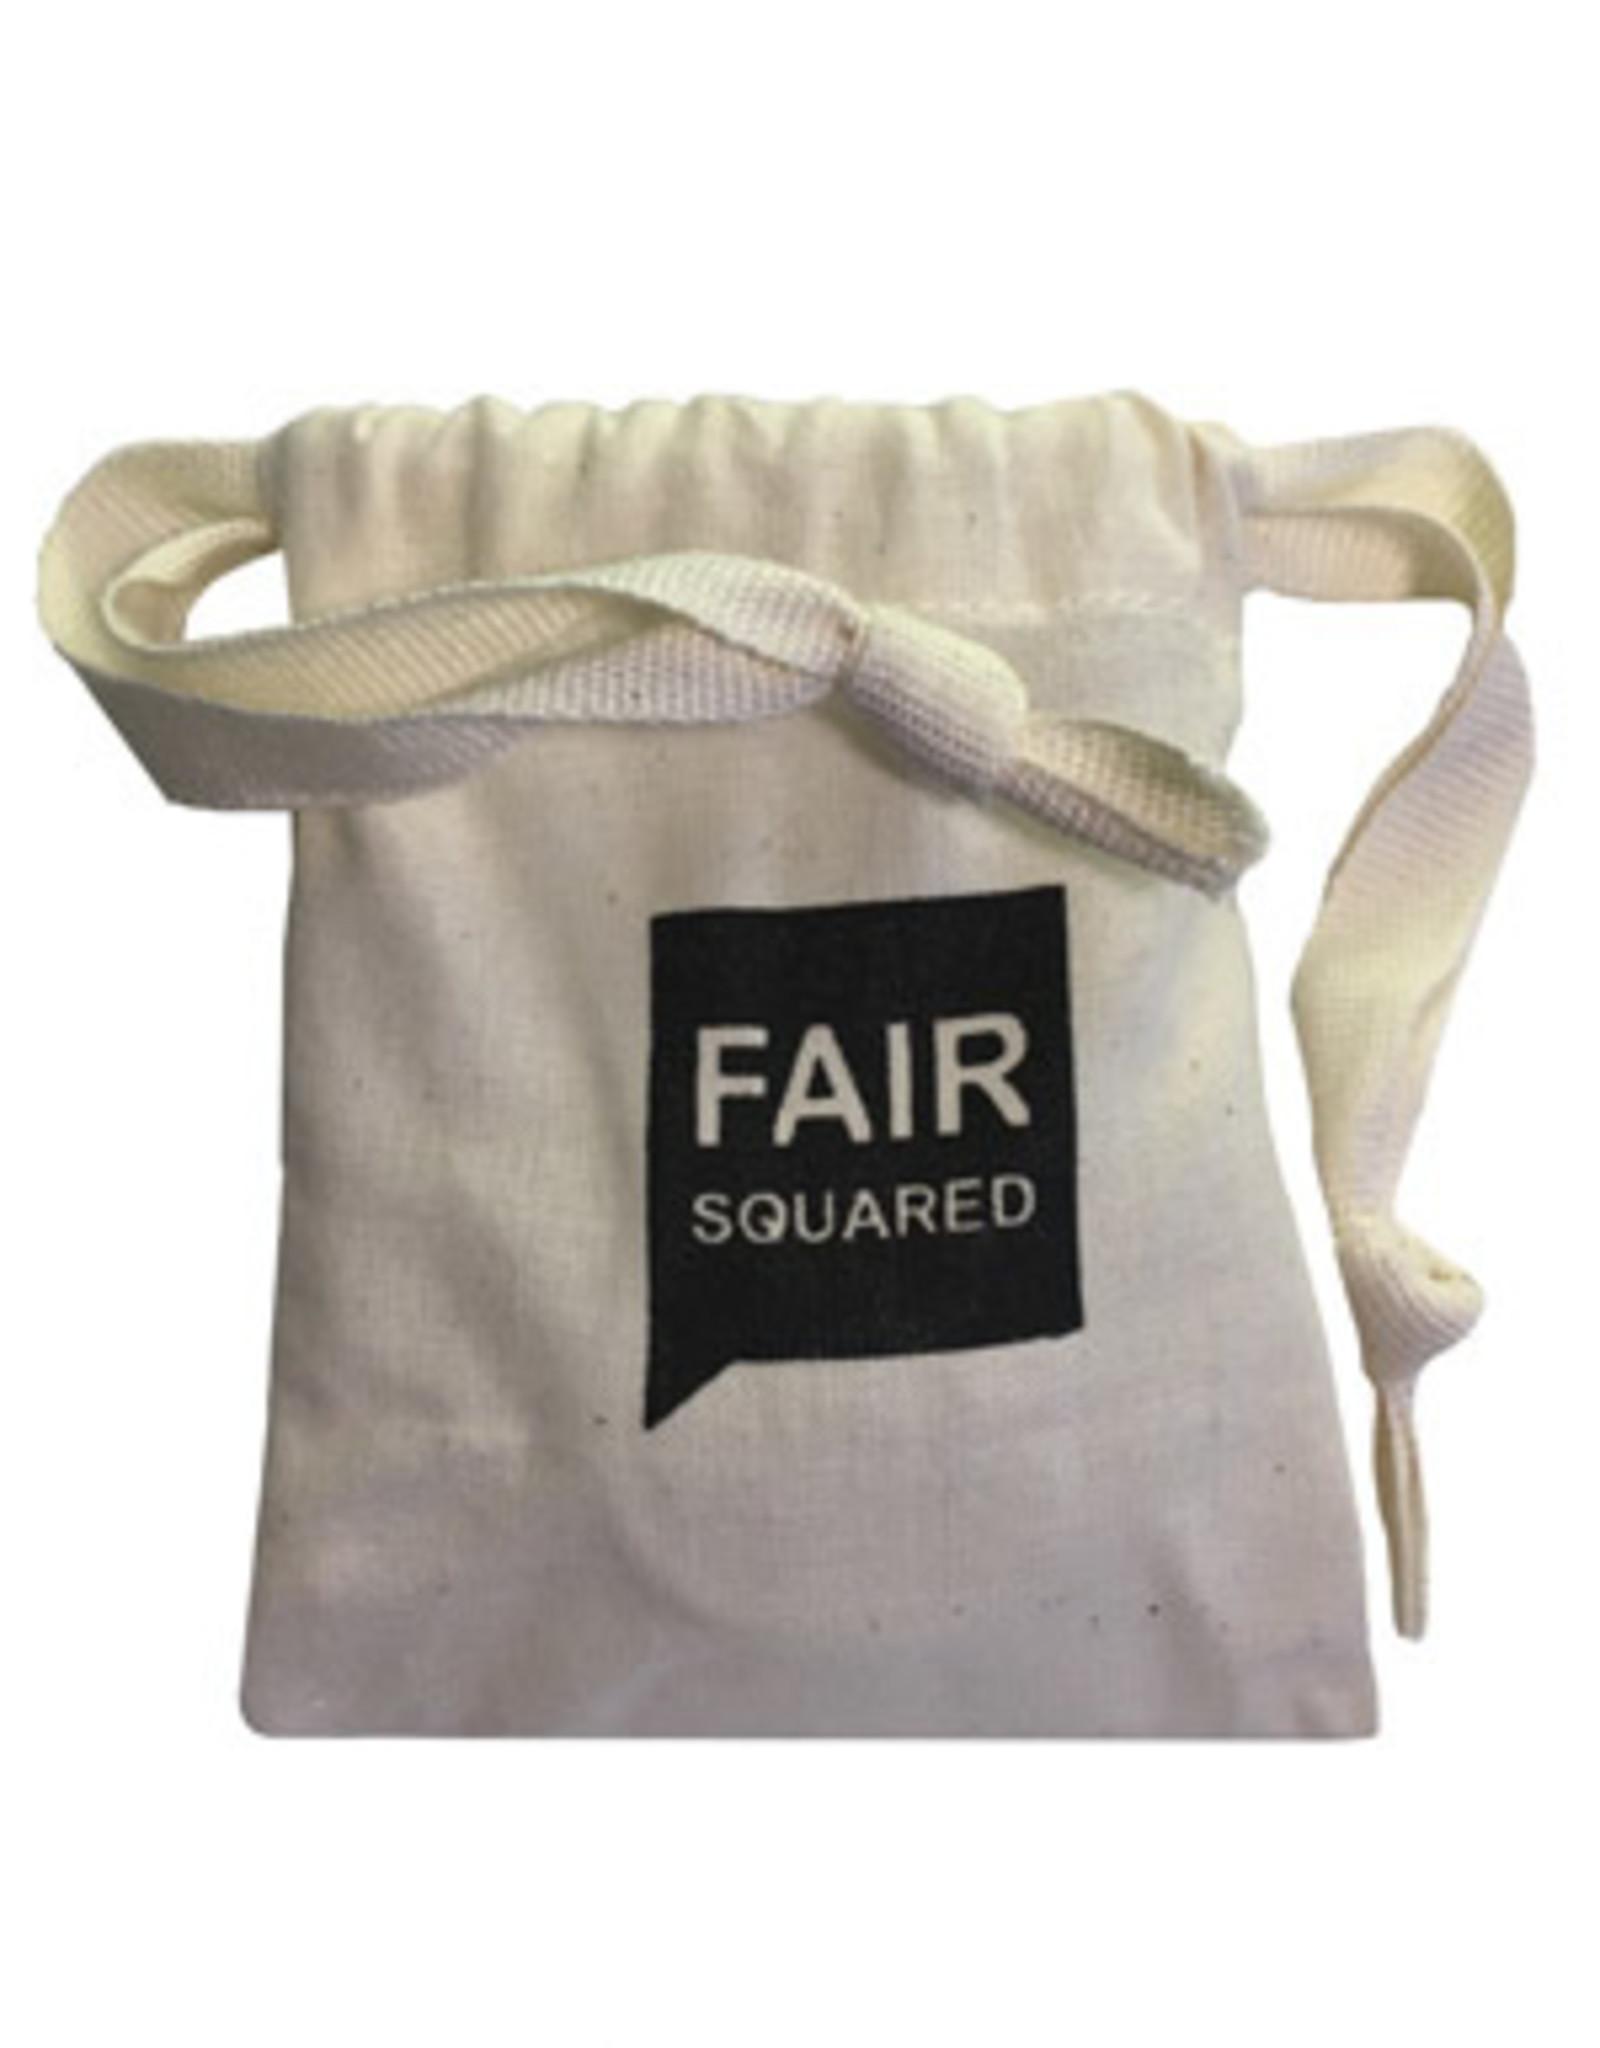 Fairsquared Cotton soap pouch